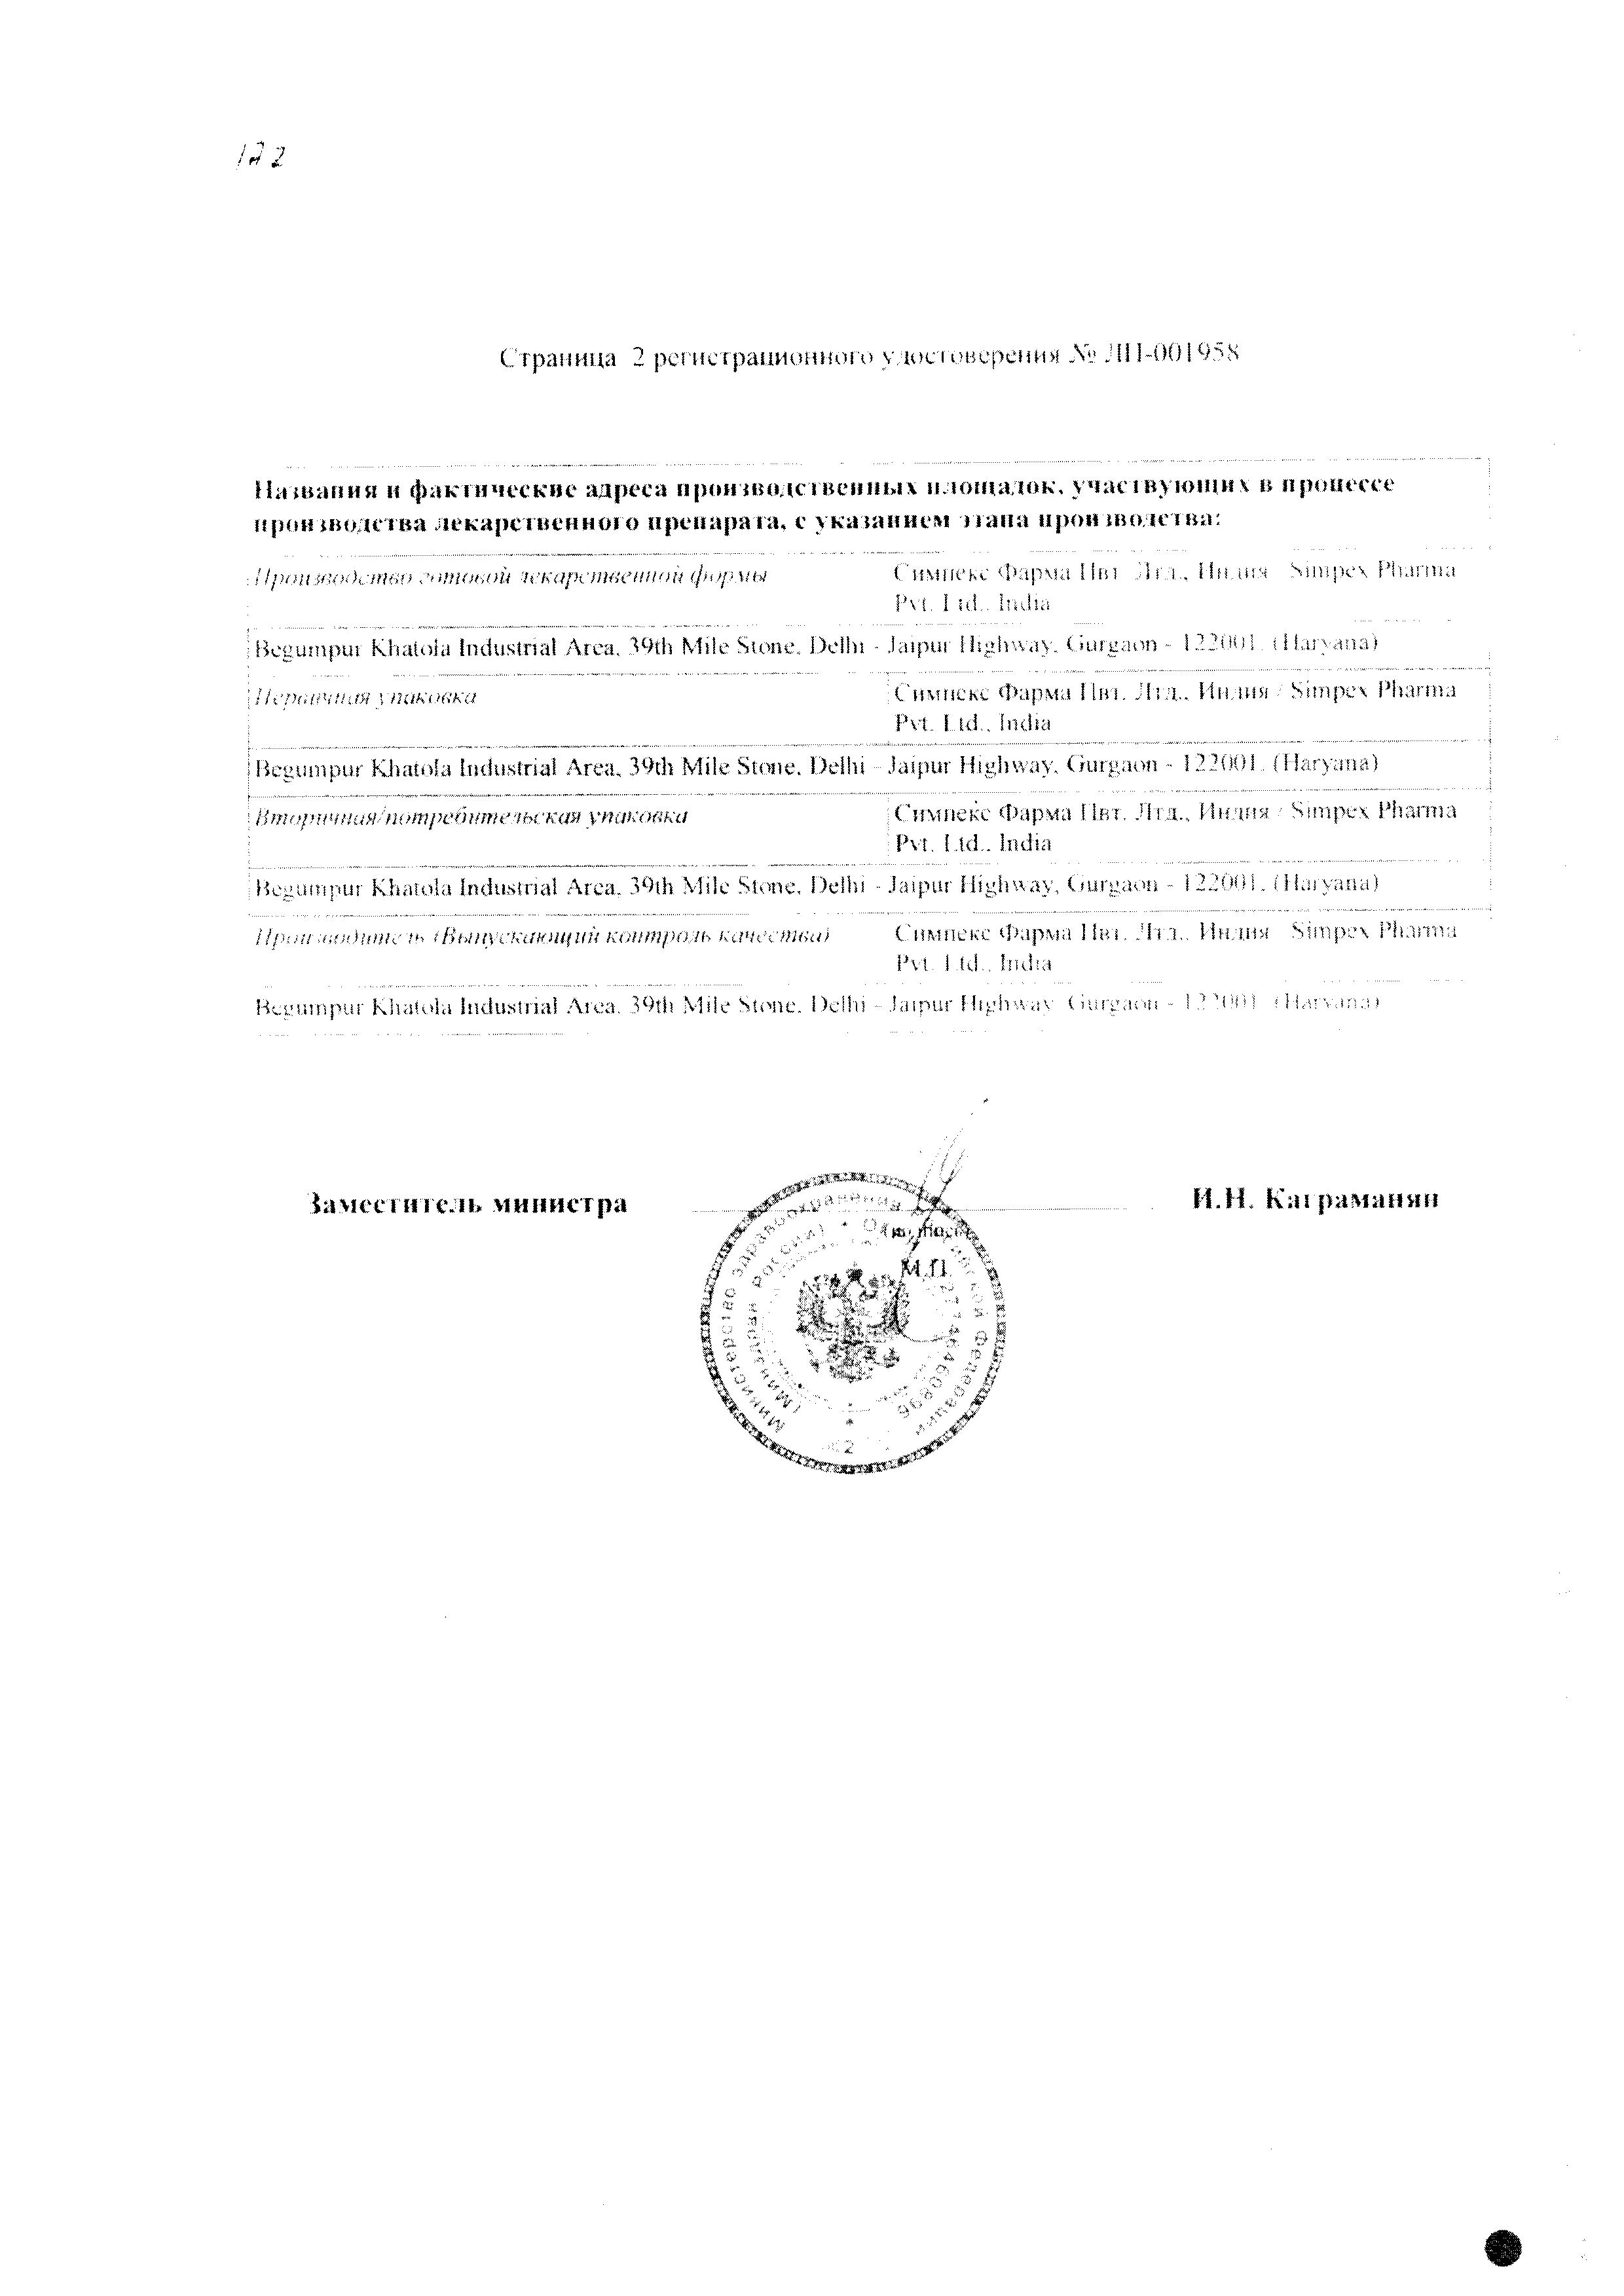 Кетокам сертификат